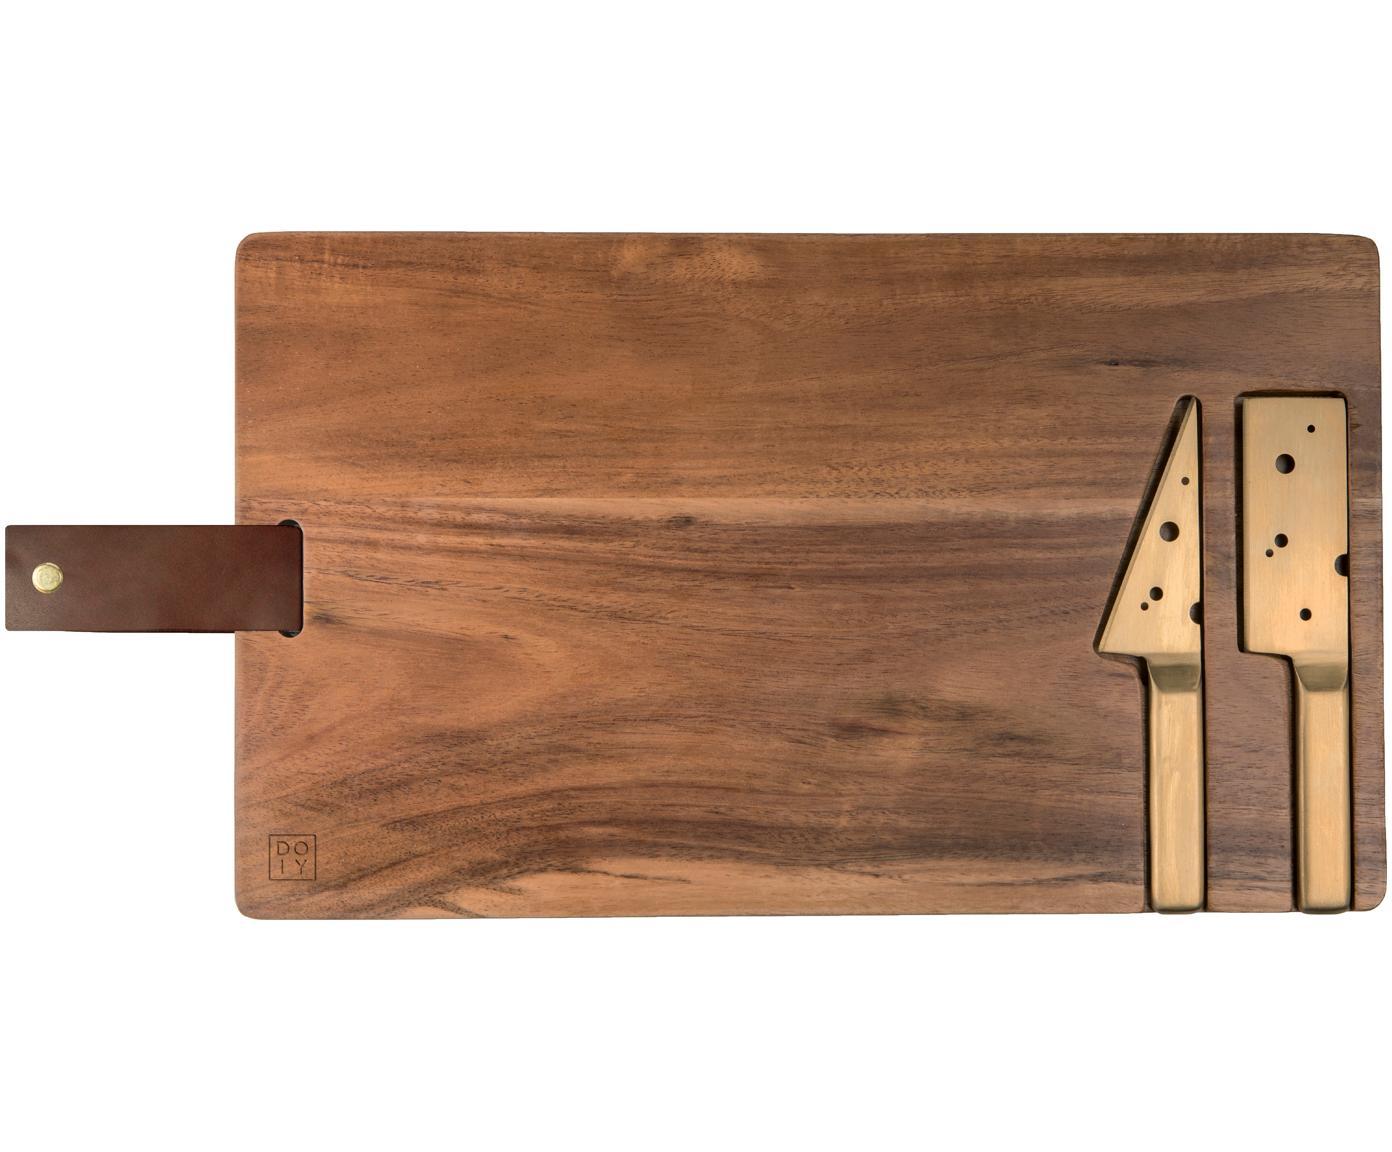 Käse-Schneidebrett King mit Käsemesser, 3-tlg., Messer: Edelstahl, beschichtet, Servierplatte: AkazienholzAufhängeschlaufe: BraunMesser: Goldfarben, B 37 x T 23 cm